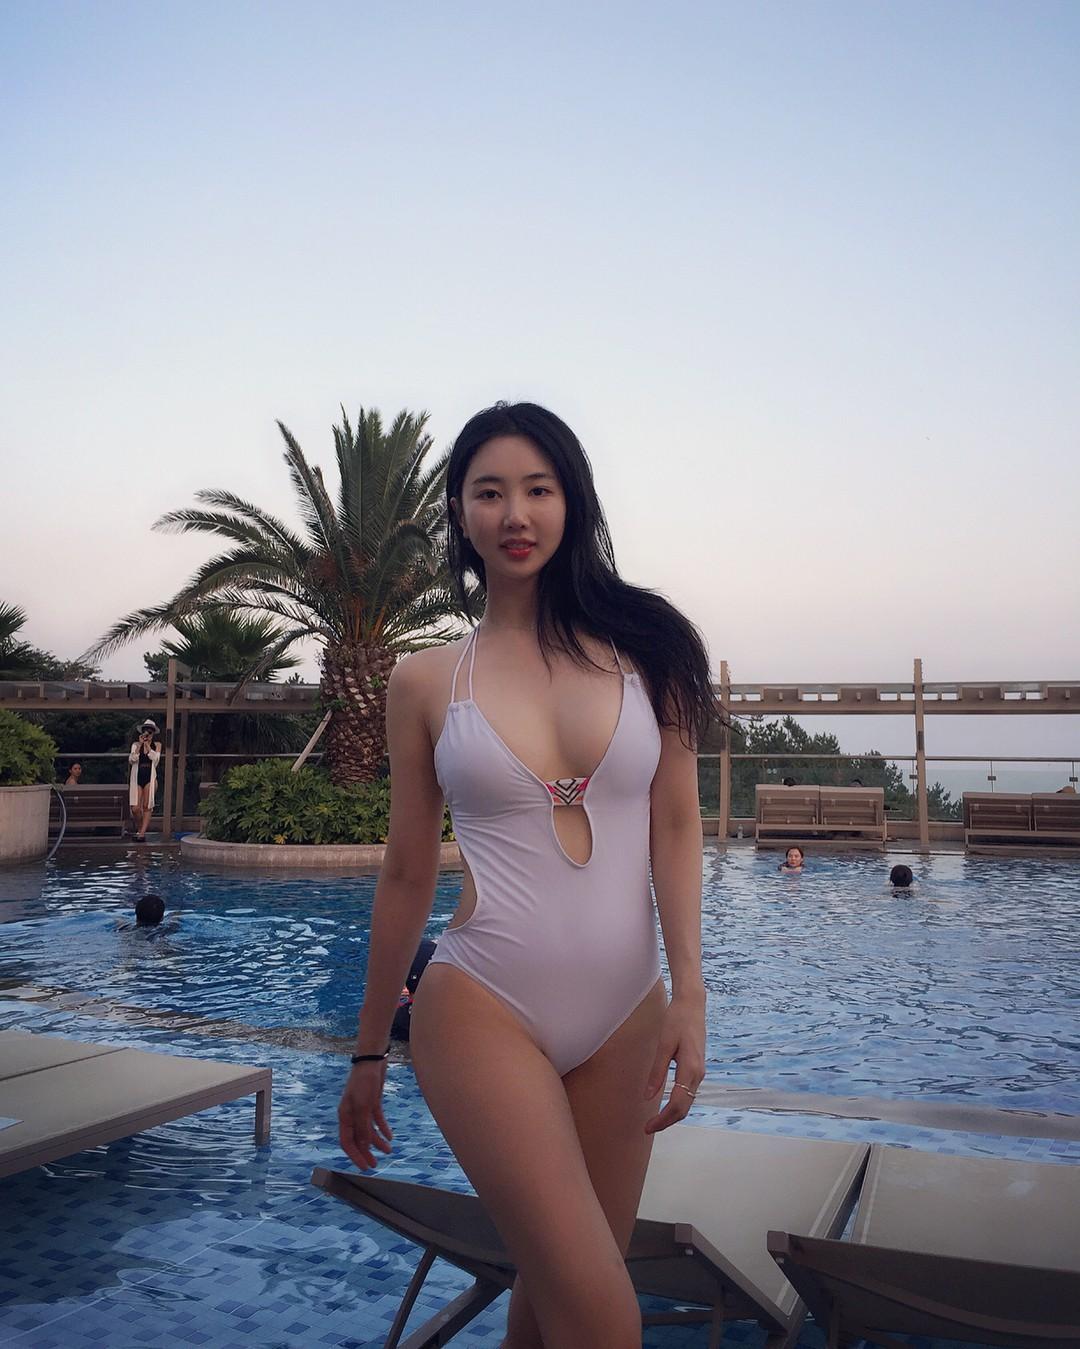 Nữ idol vô danh bỗng gây sốt vì màn thoát xác: Bình thường thì thanh thuần, diện áo tắm là lộ body nóng hừng hực - Ảnh 7.